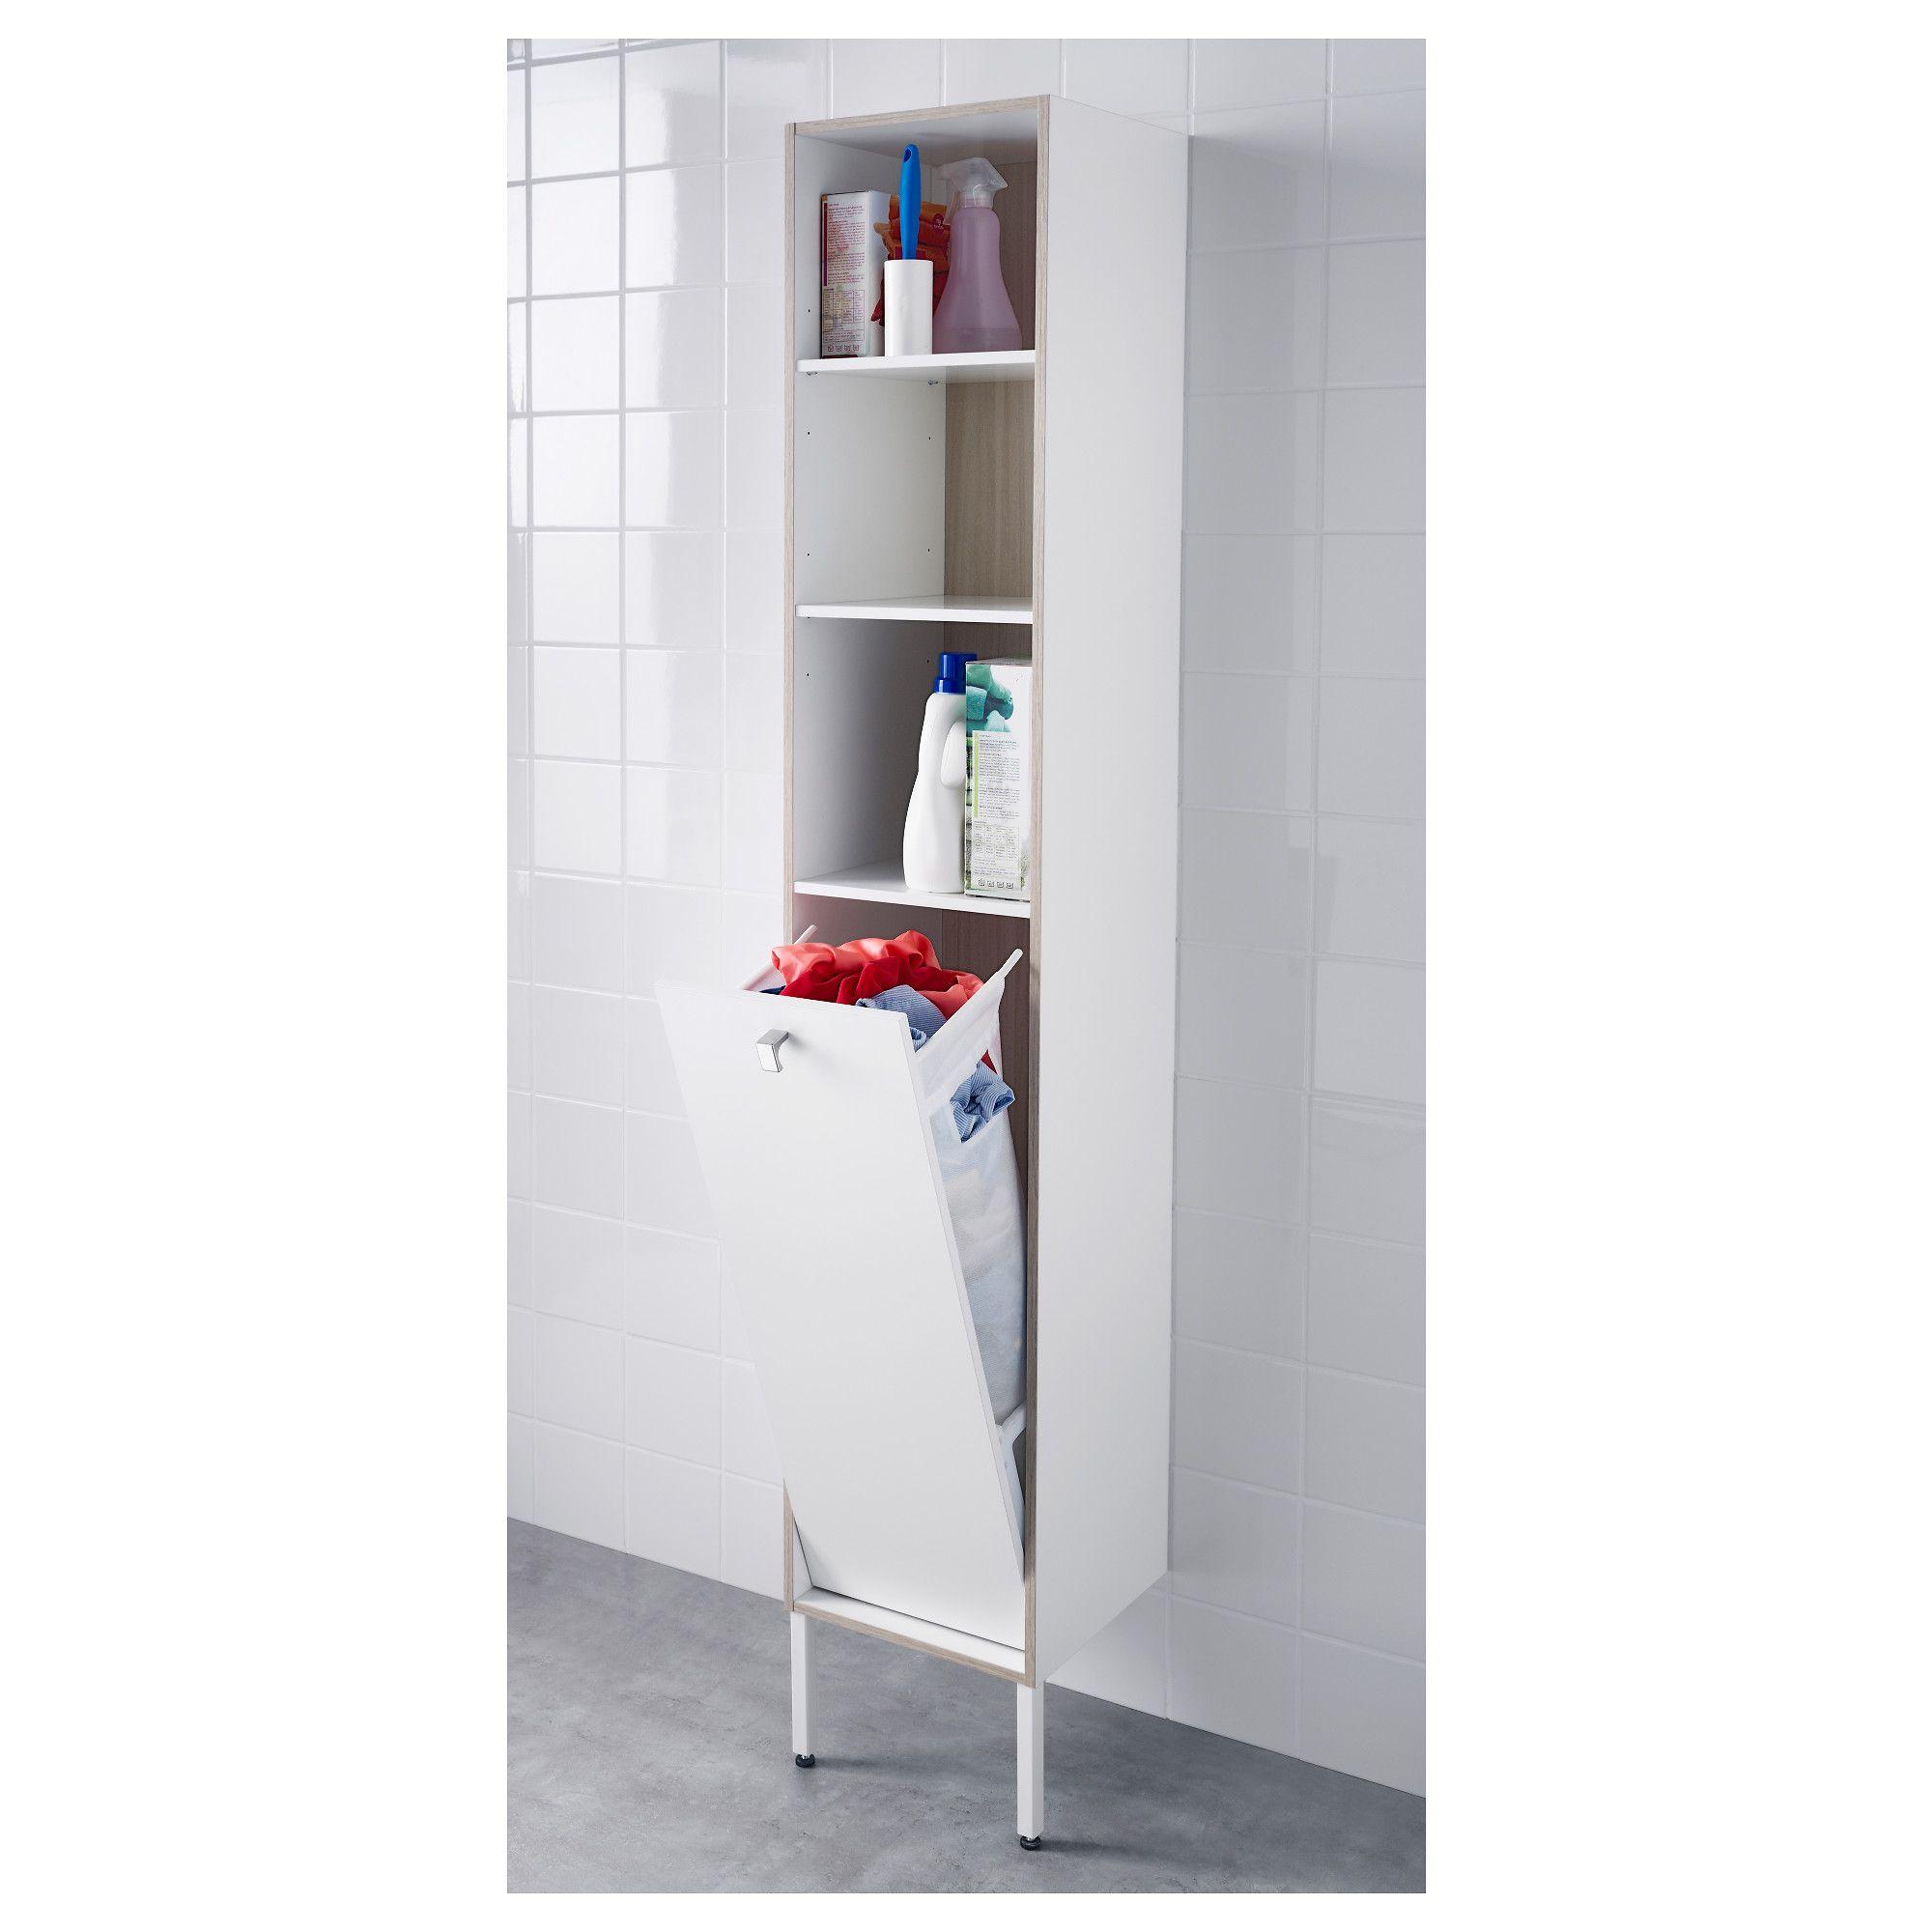 Ireland Shop For Furniture Home Accessories Con Imagenes Decoracion De Unas Muebles Banos